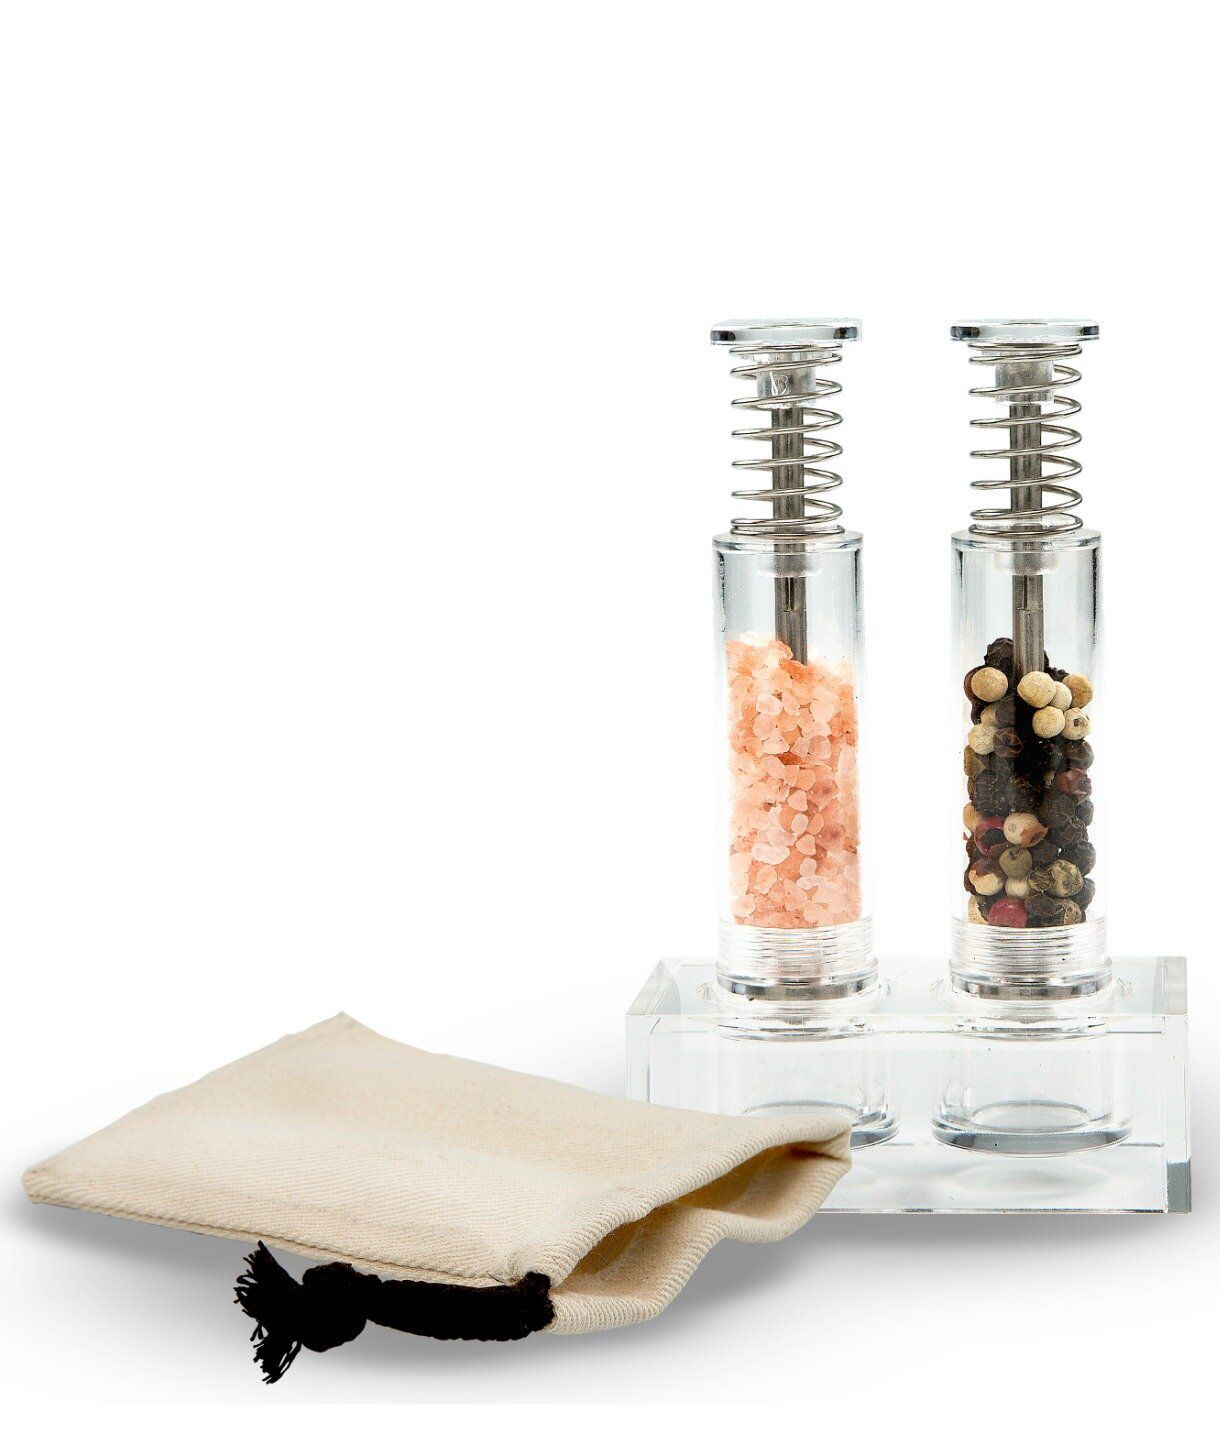 Grind Gourmet Travel Salt And Pepper Grinder Set